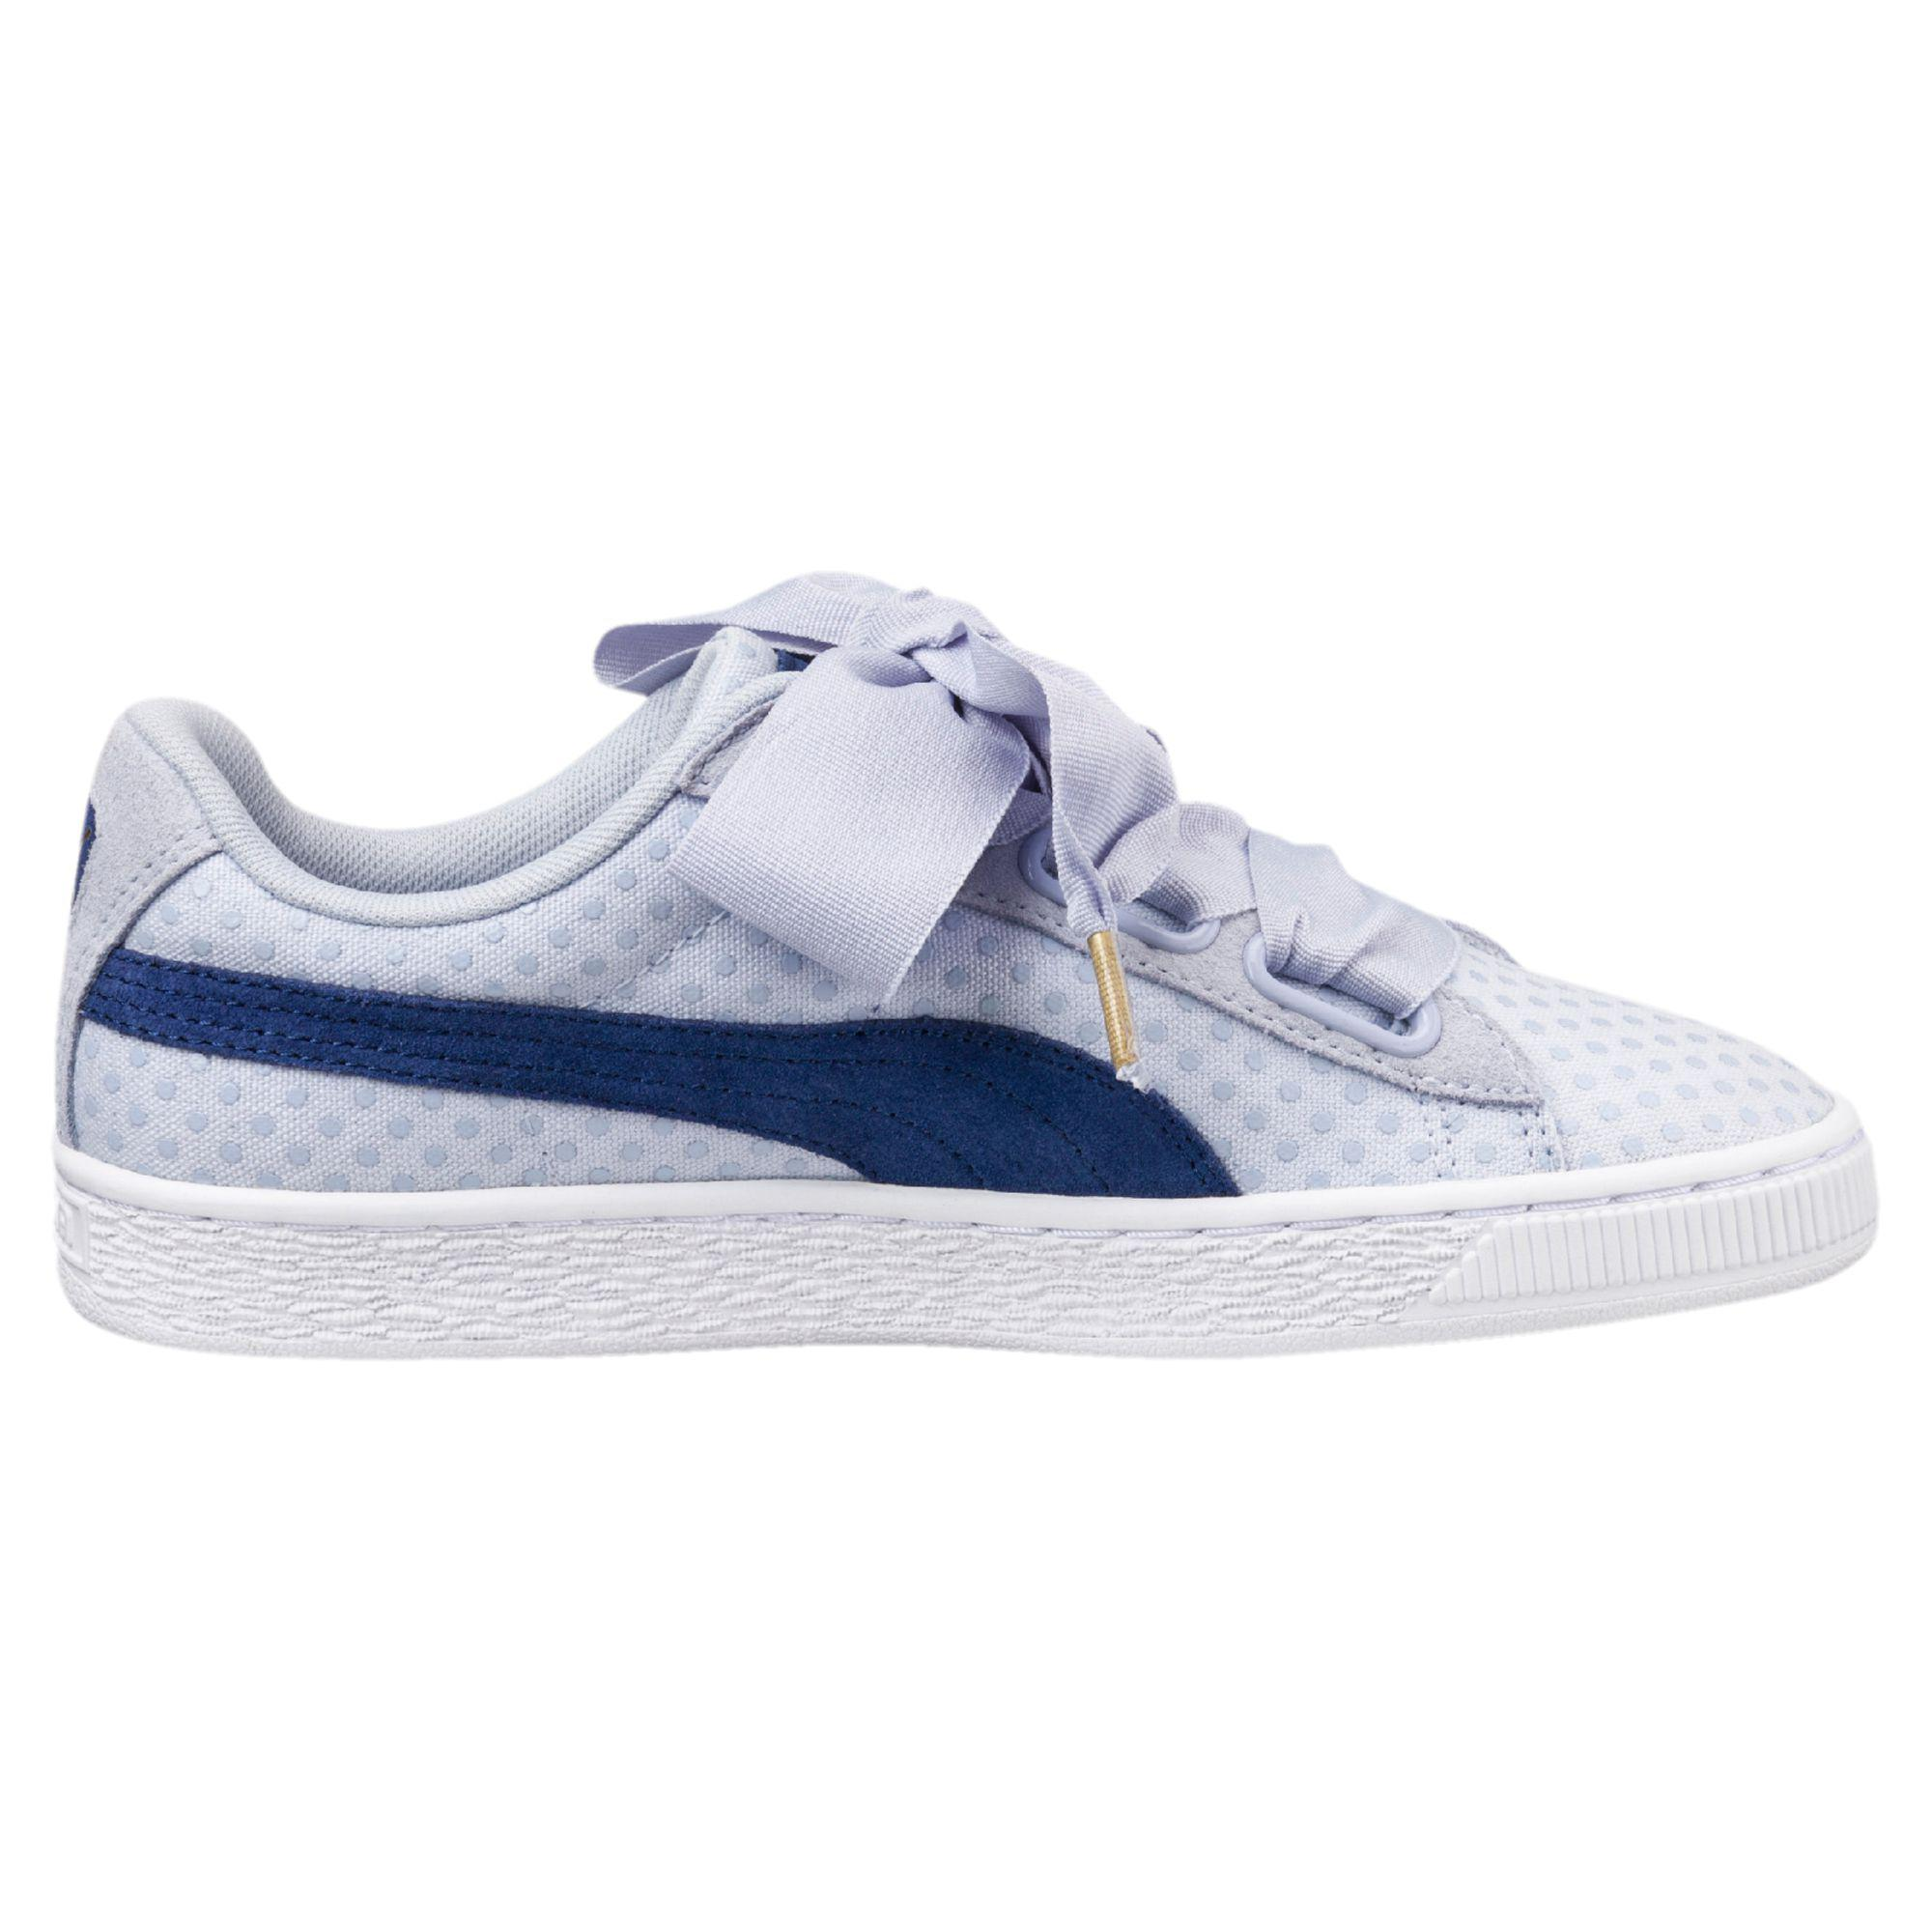 Lyst - PUMA Basket Heart Denim Women s Sneakers in Blue 35c8cdd91